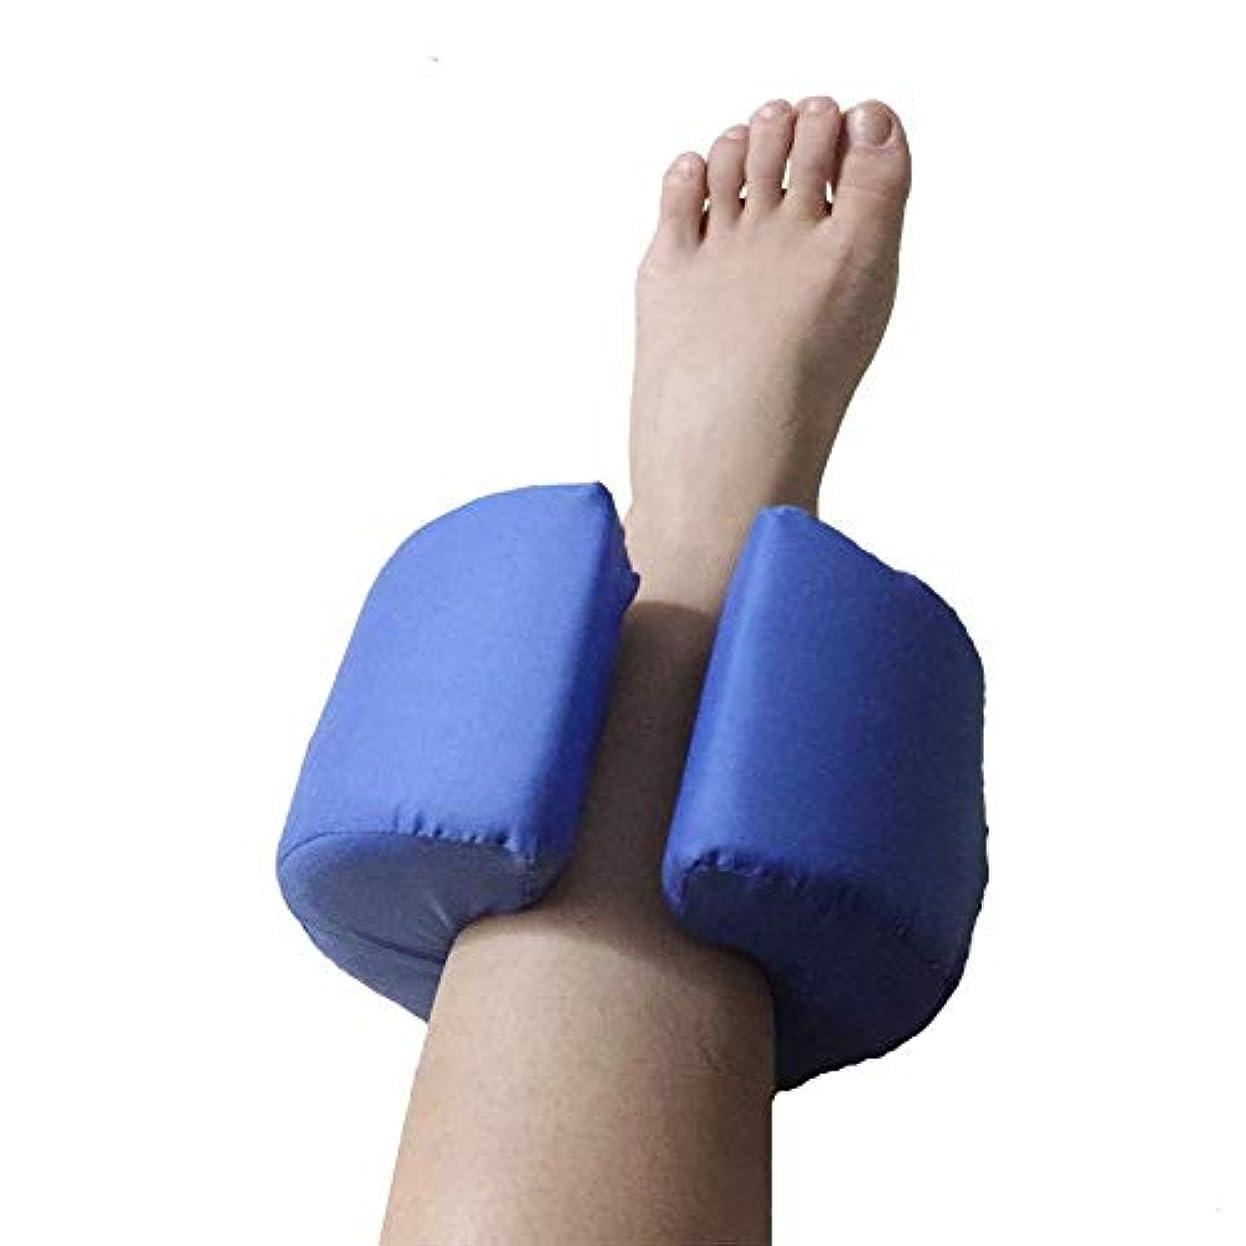 和らげる正しいお香足のサポートスポンジハンドリング、子供のためのマットのリハビリテーションの看護のパッドの残りの部分の上の看護のマットロール(1組) (Size : A)